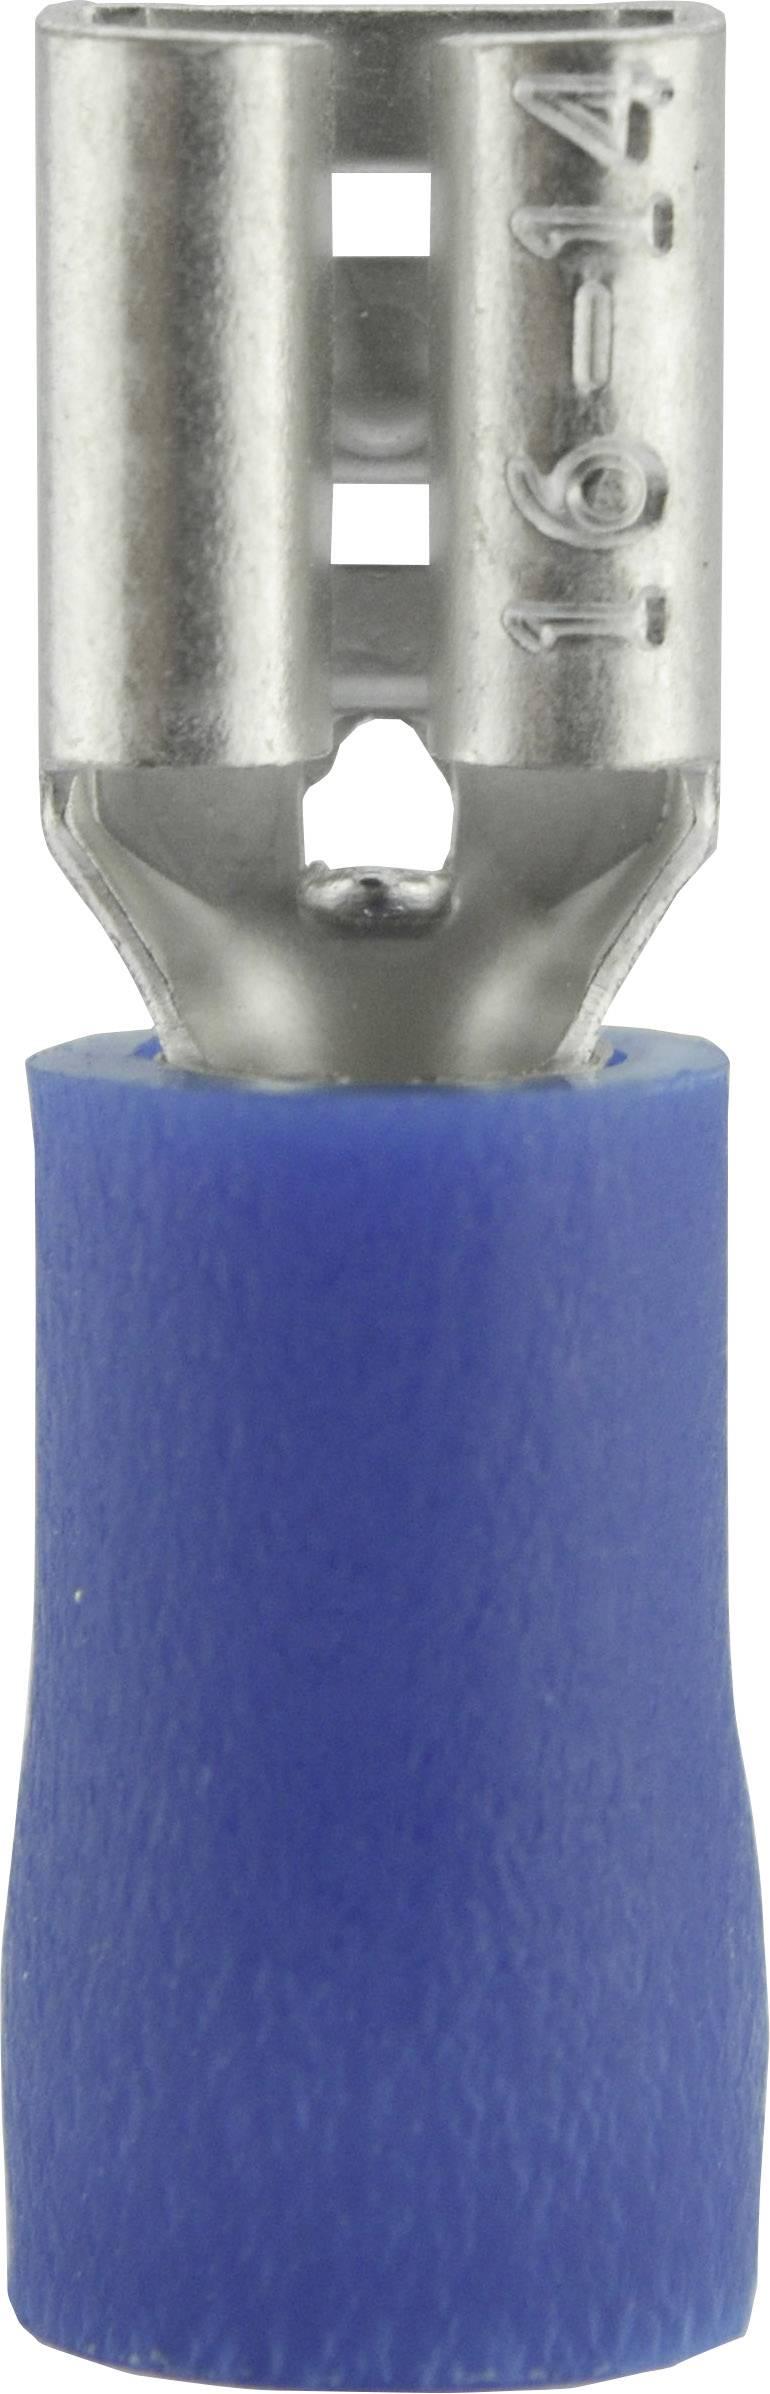 Faston konektor zásuvka Vogt Verbindungstechnik 3904 4.8 mm x 0.5 mm, 180 °, čiastočne izolované, modrá, 1 ks